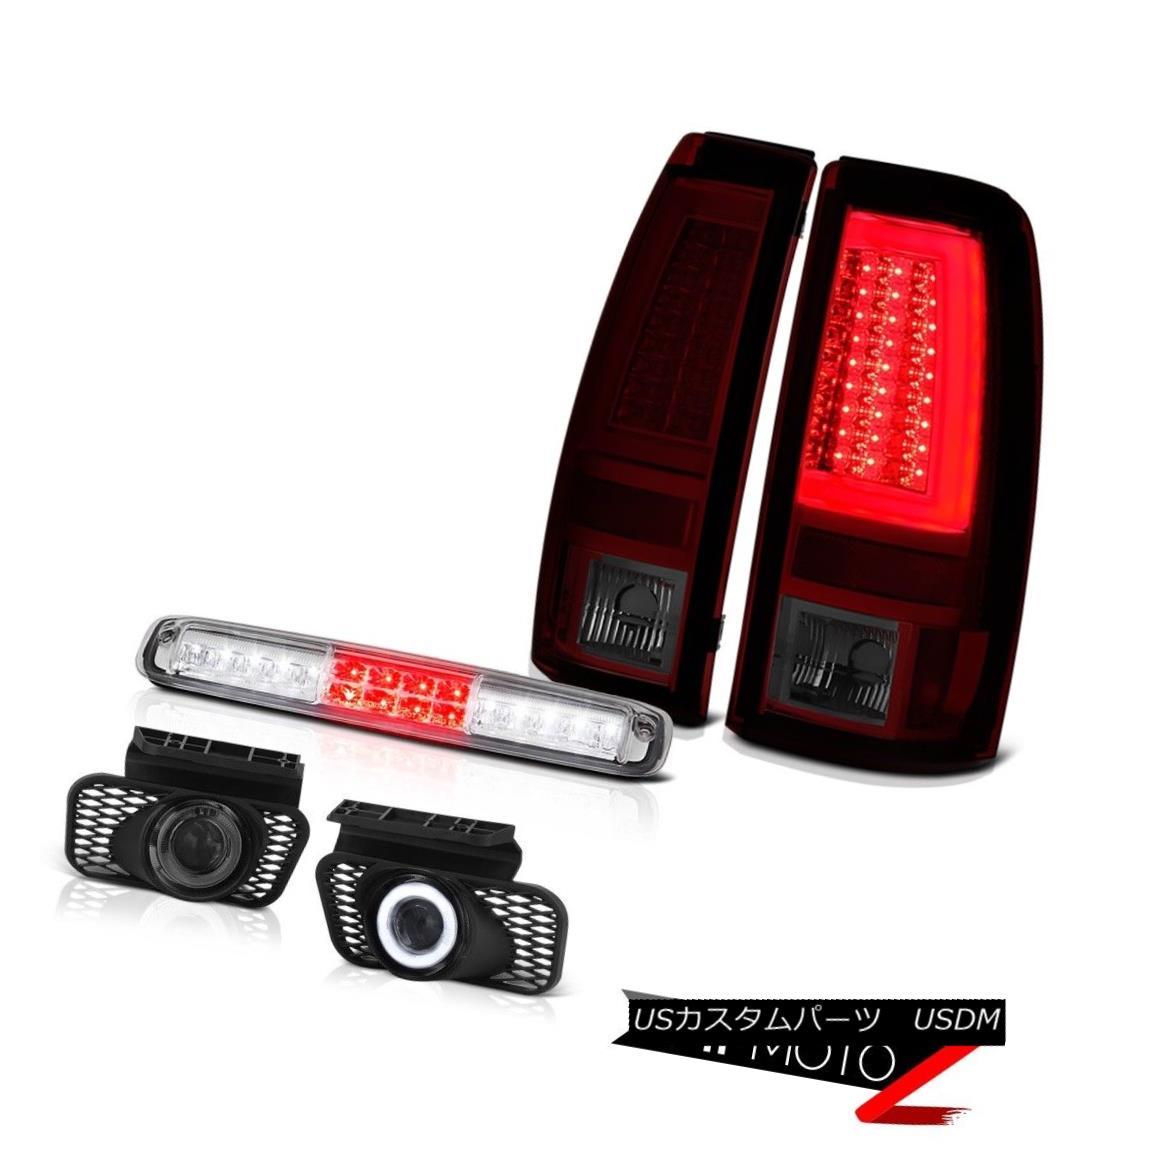 テールライト 2003-2006 Silverado Smokey Red Rear Brake Lamps Roof Light Foglamps Light Bar 2003-2006シルバラードスモーキーレッドリアブレーキランプルーフライトフォグランプライトバー